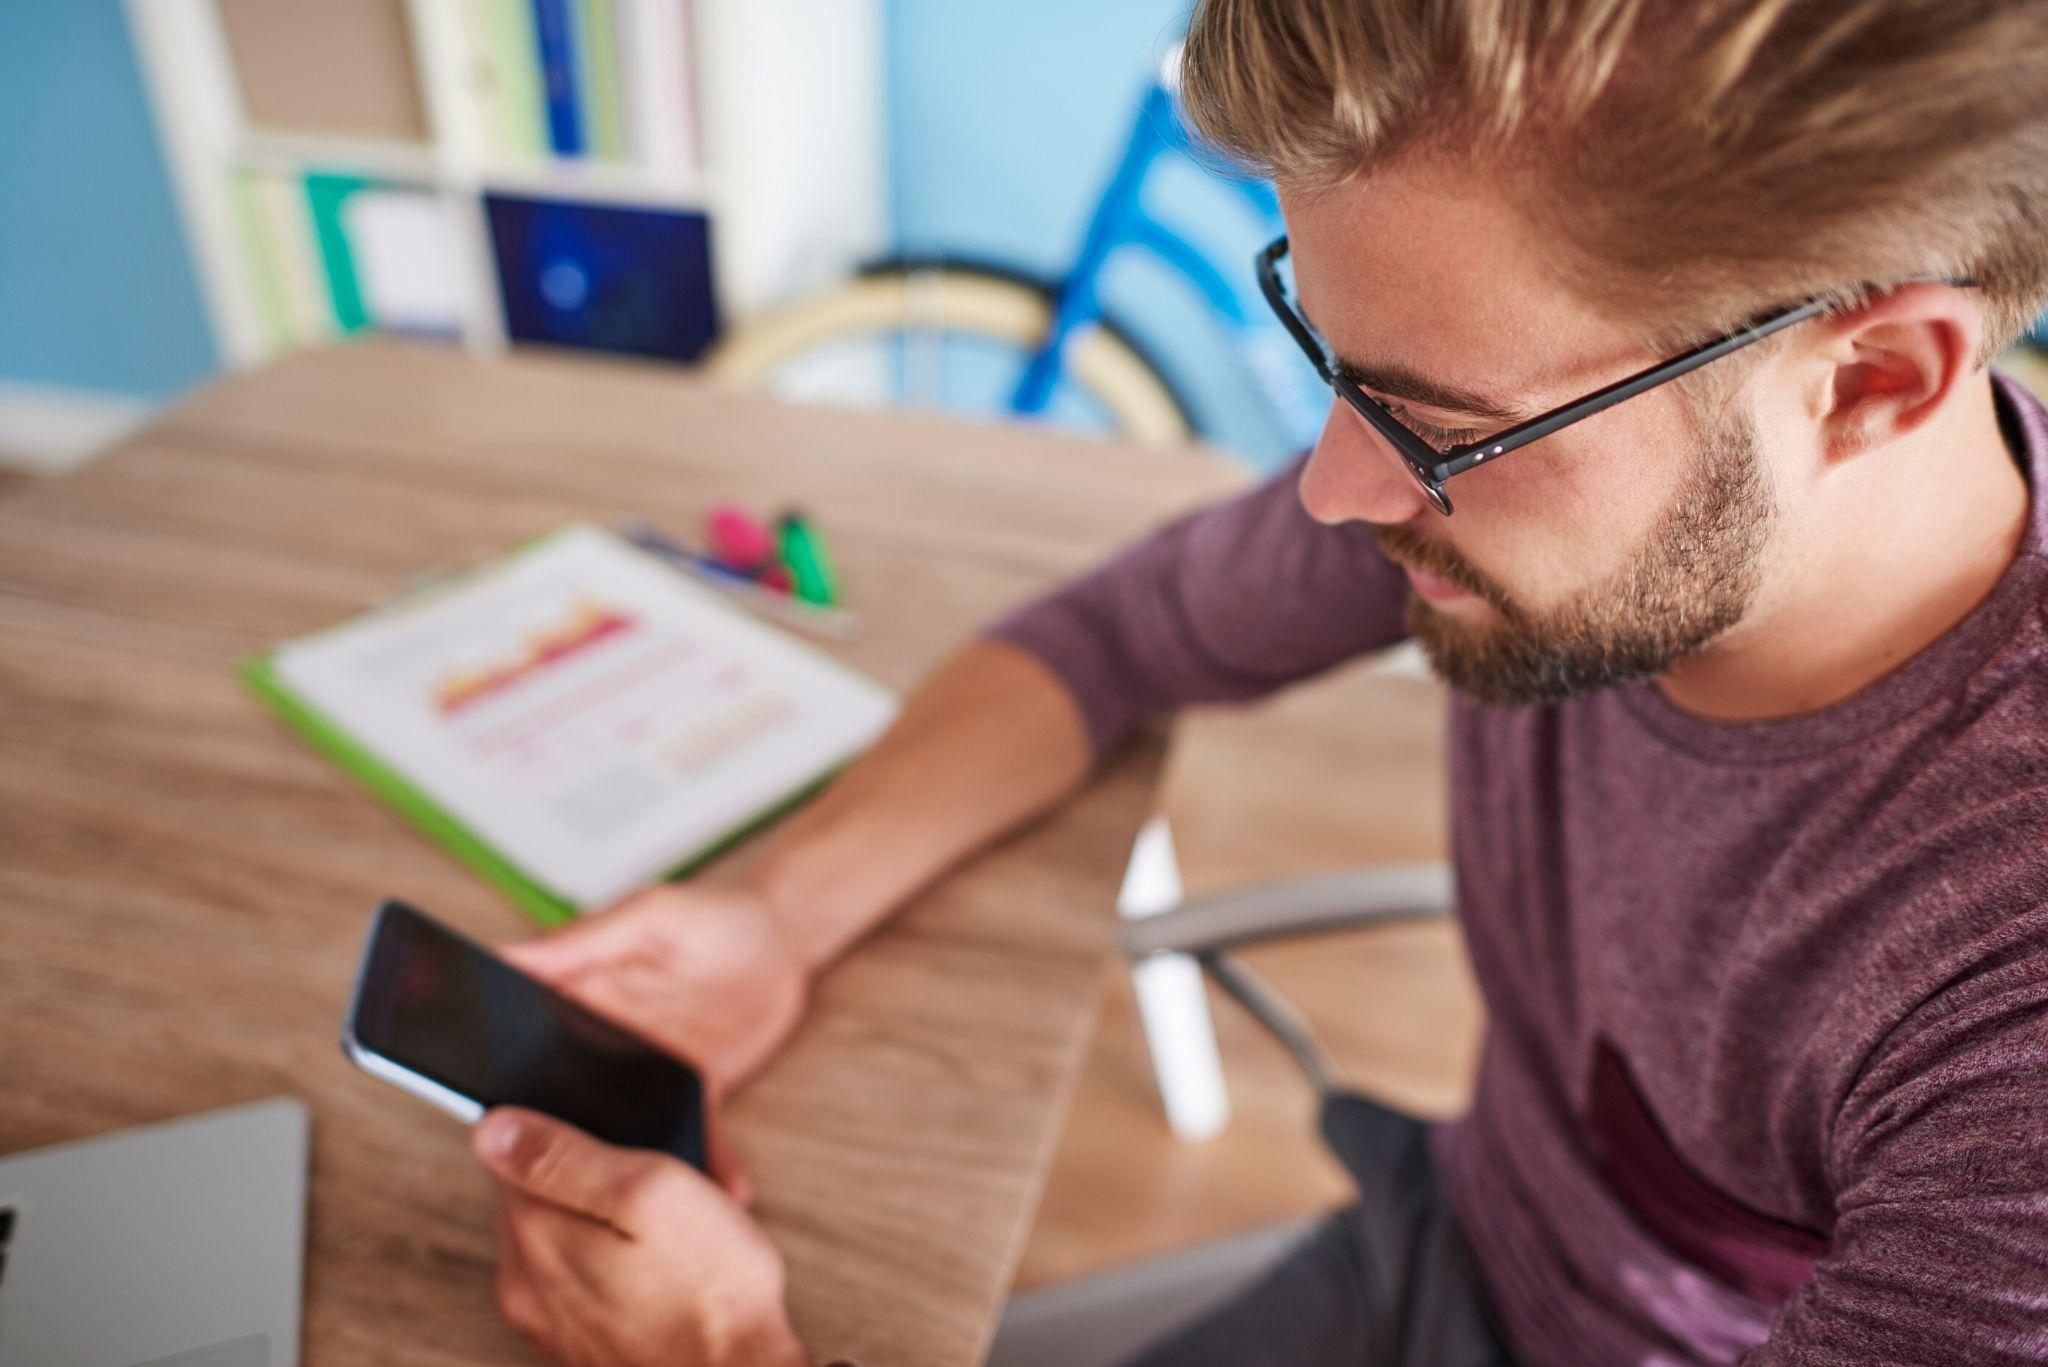 A Microsoft anunciou uma série de atualizações em diversos aplicativos que vão facilitar a rotina de trabalho a distância. Confira no artigo do blog de hoje os novos recursos.